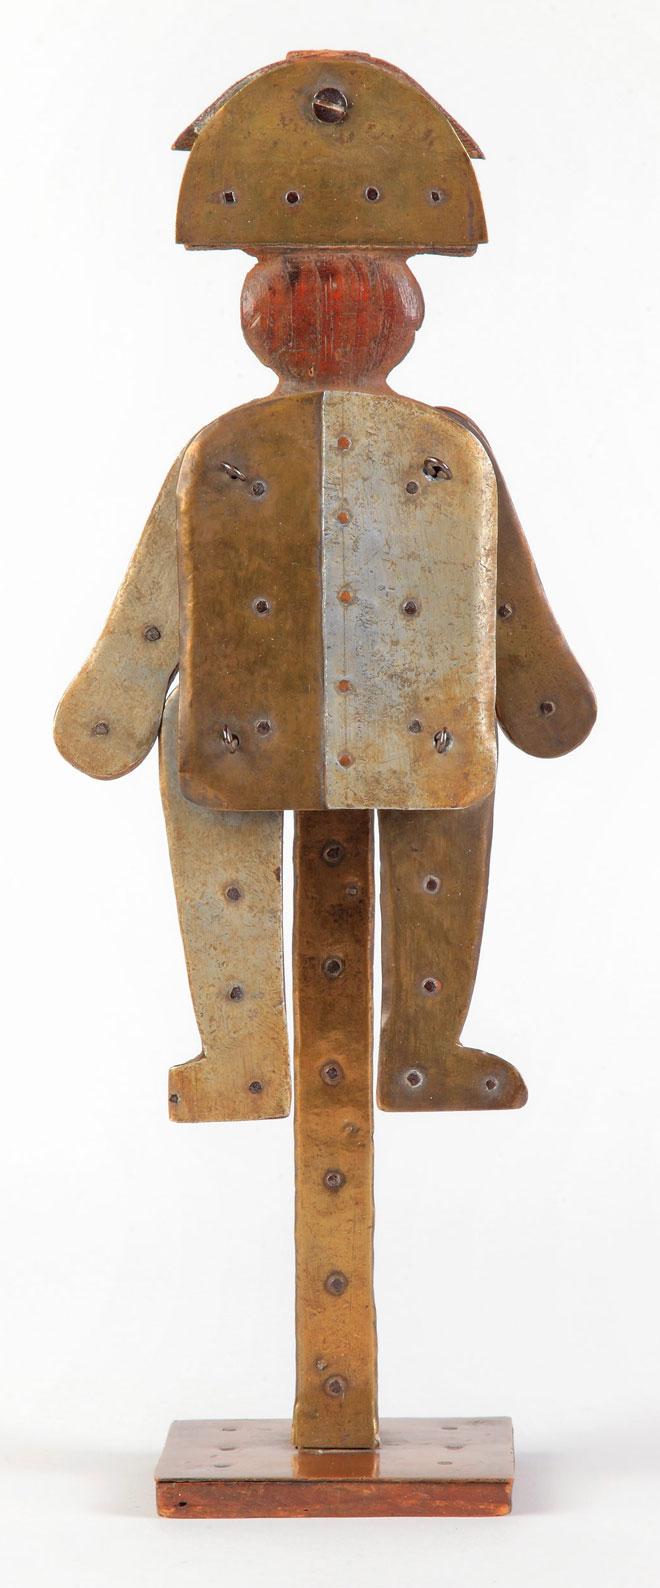 Beaujolais, objet de Mana, pantin articulé © Pauline Daniel (photo) - Philharmonie de Paris - Musée de la musique